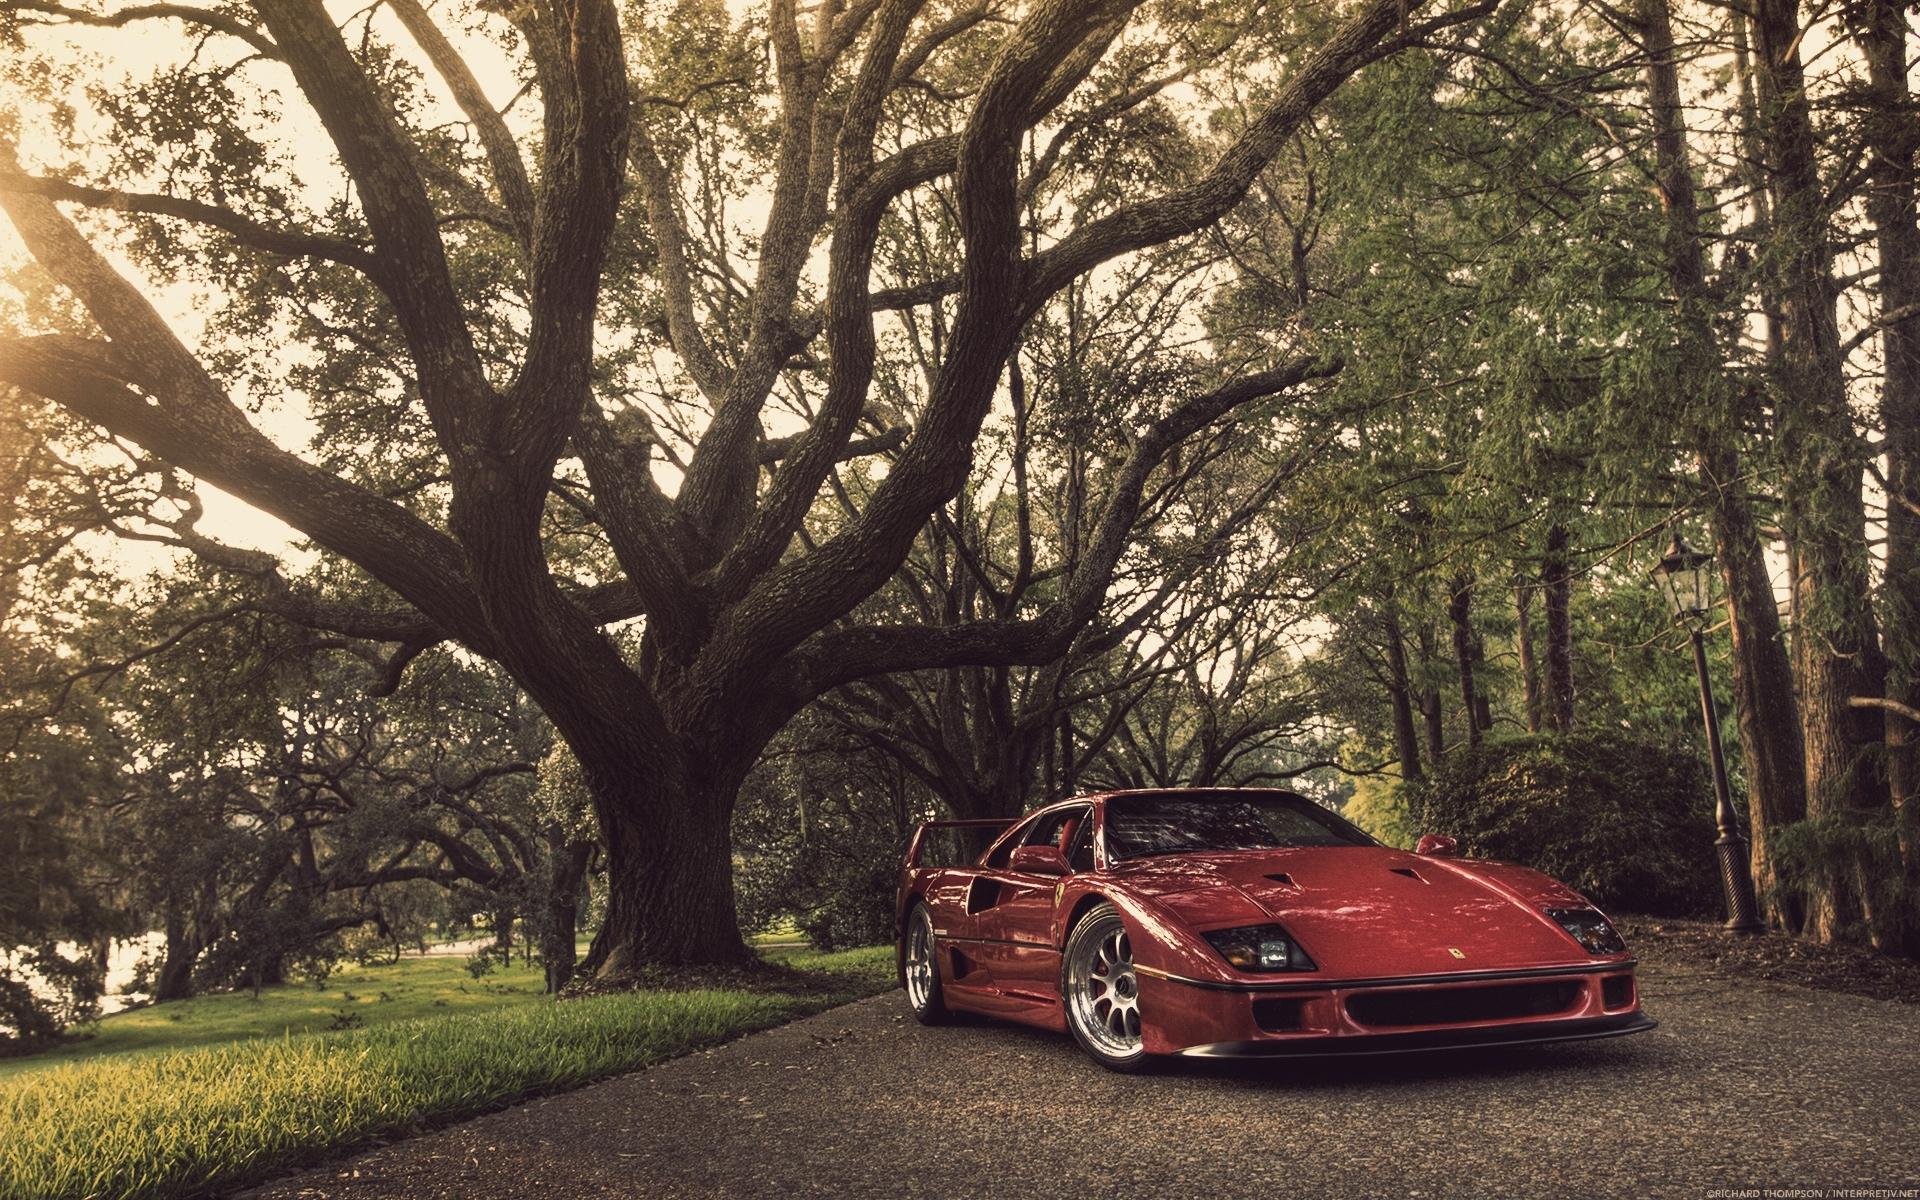 28429 скачать обои Транспорт, Машины, Феррари (Ferrari) - заставки и картинки бесплатно